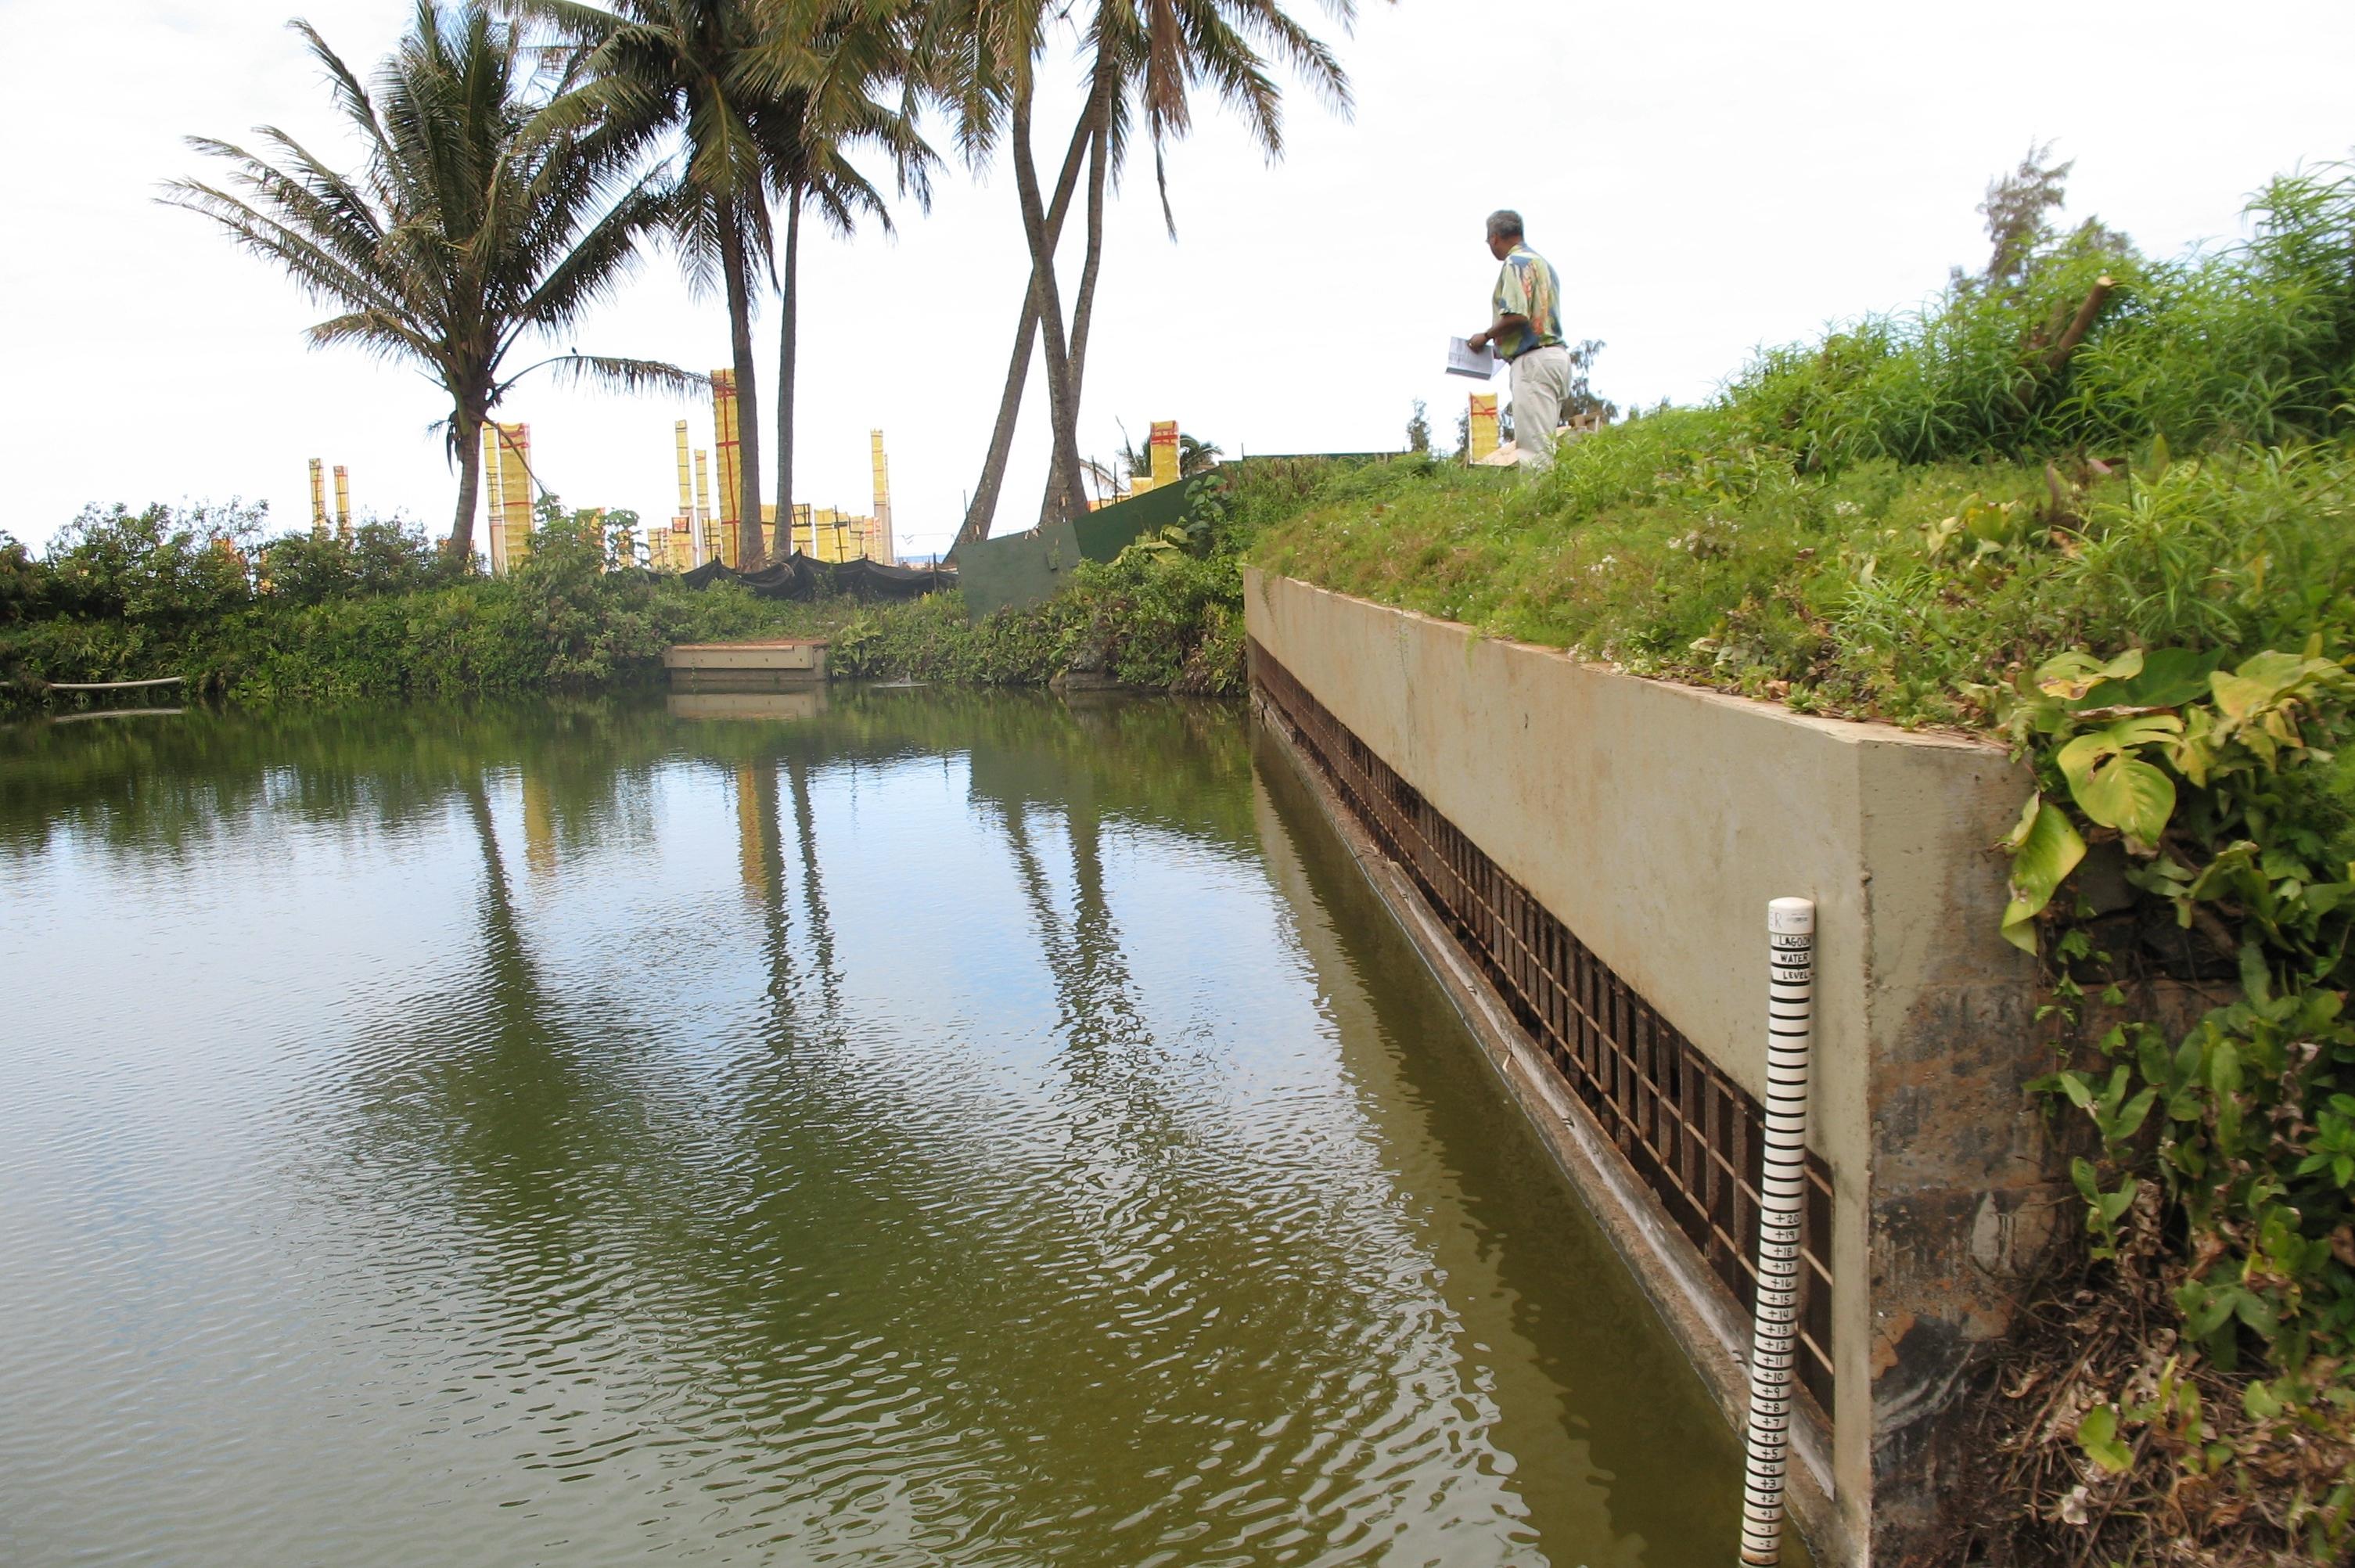 2009-05-14 Lagoon Spillway 001